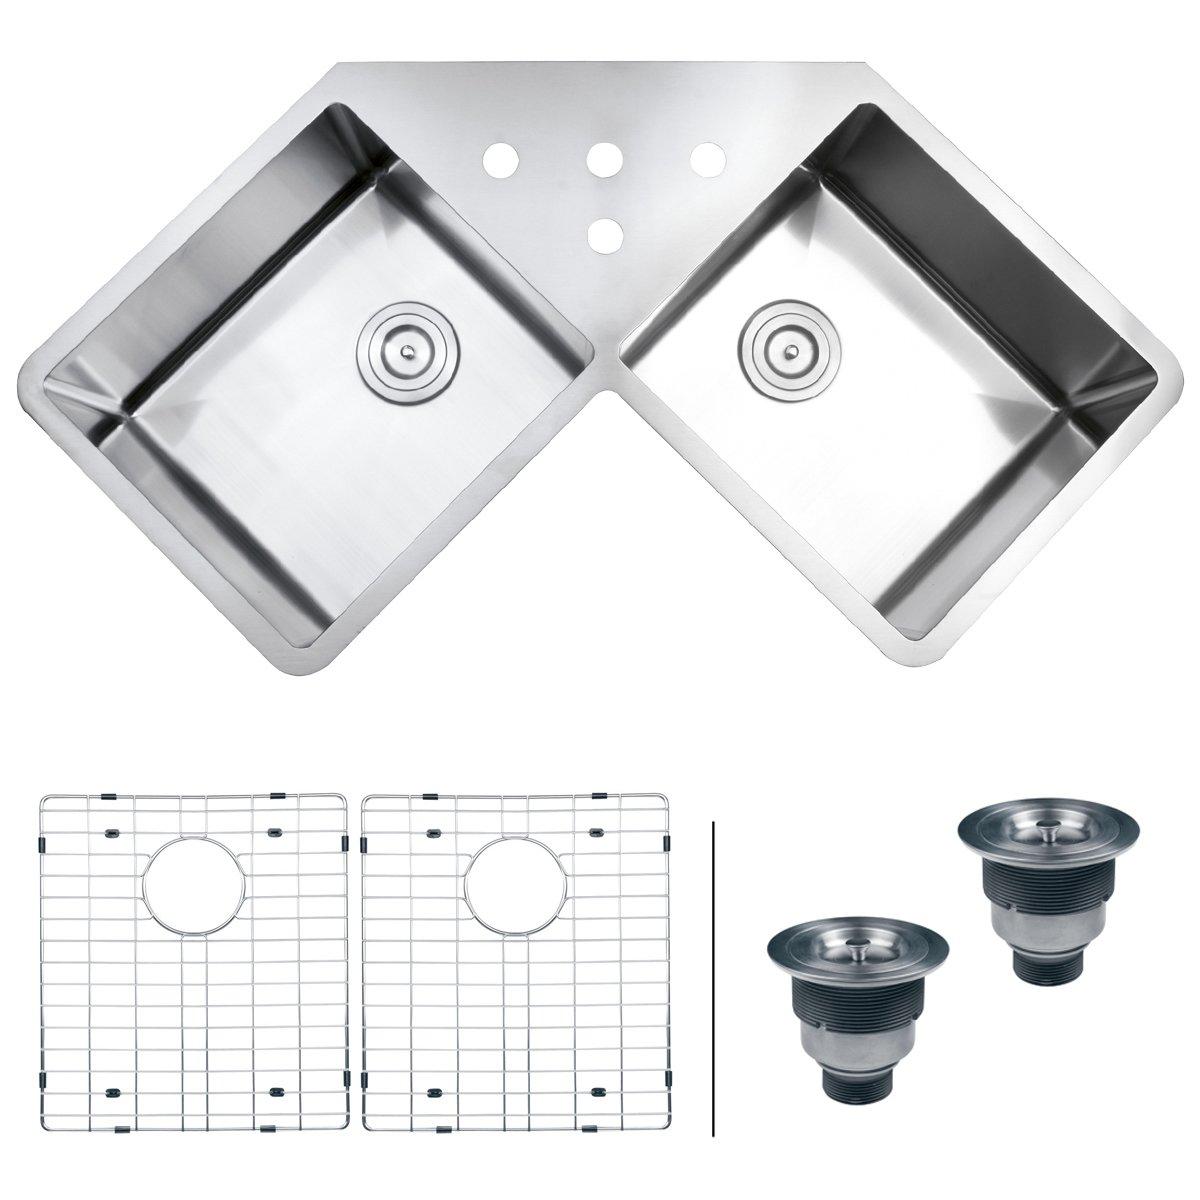 Ruvati RVH8400 Undermount Corner Kitchen Sink 16 Gauge 44'' Double Bowl, Stainless Steel